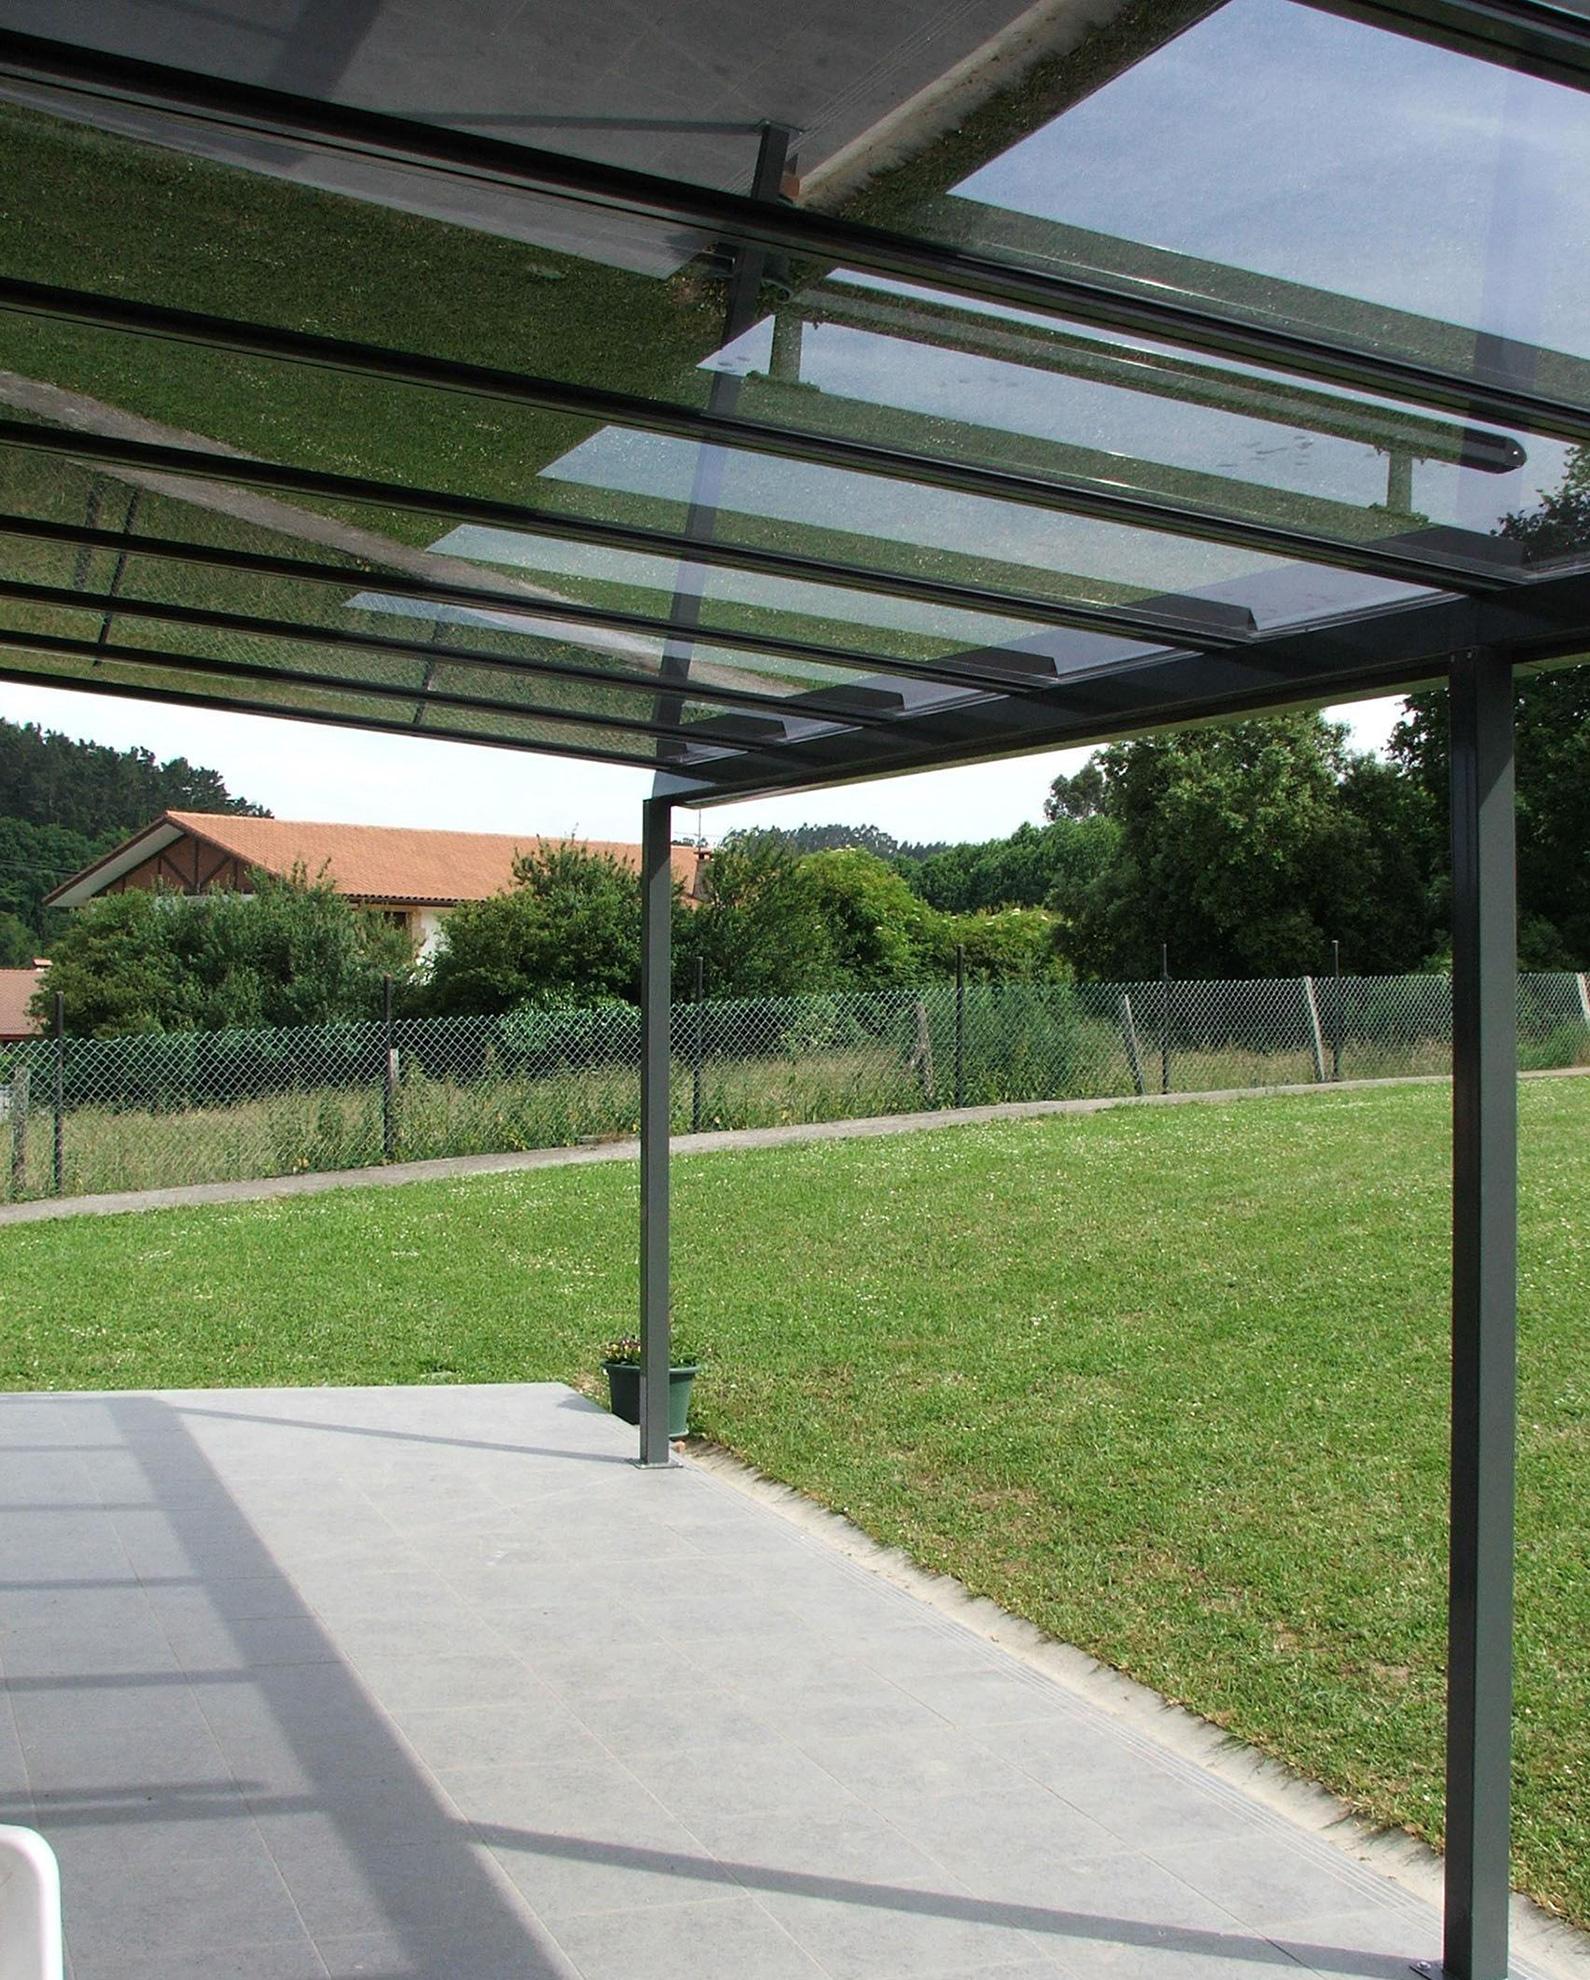 si est buscando cubiertas transparentes puede llamarnos para instalaciones de techos transparentes en mlaga sevilla cdiz y crdoba - Techos Para Pergolas